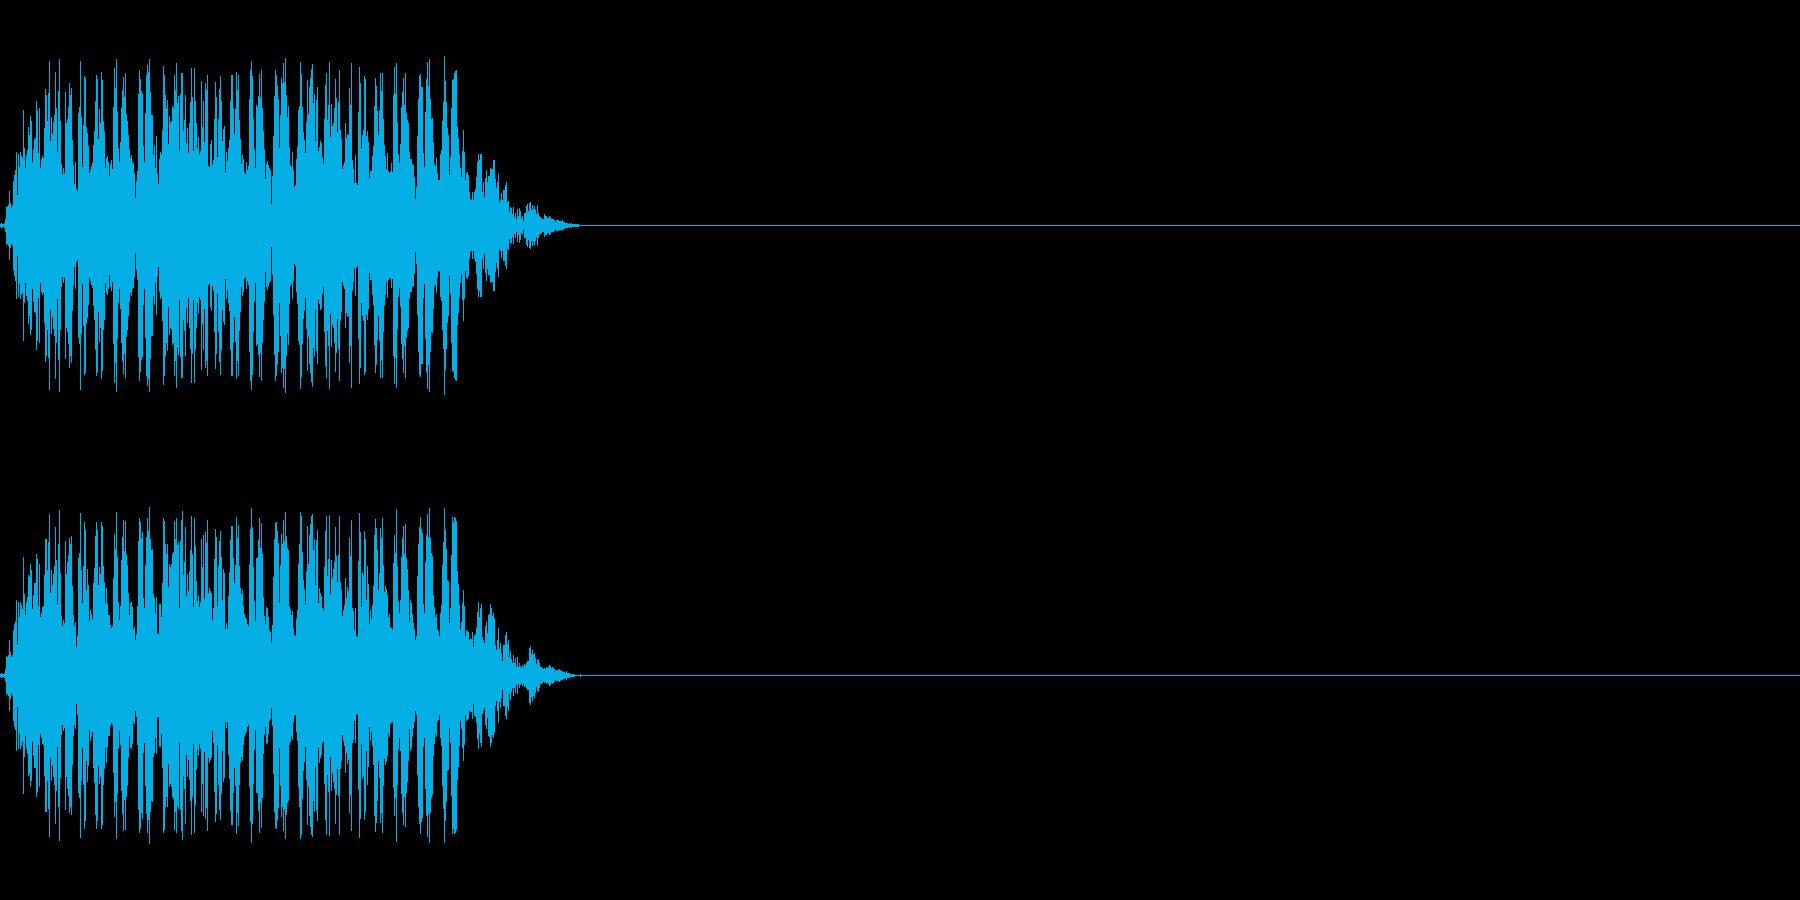 【レーザー01-3】の再生済みの波形